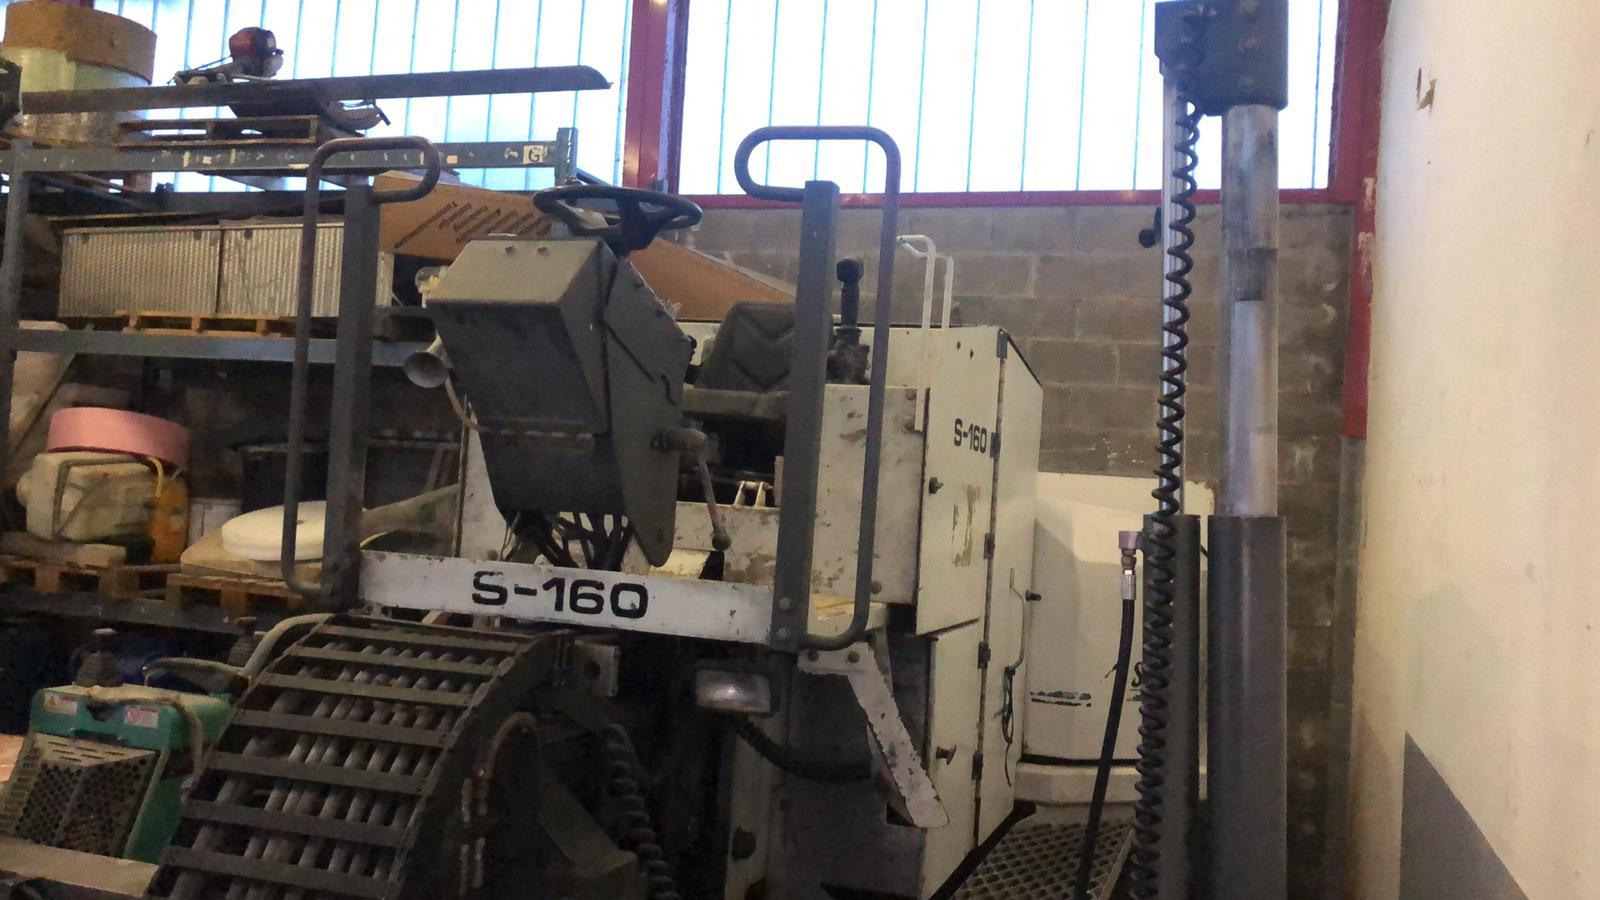 Laser Screed Somero S-160 in vendita - foto 2